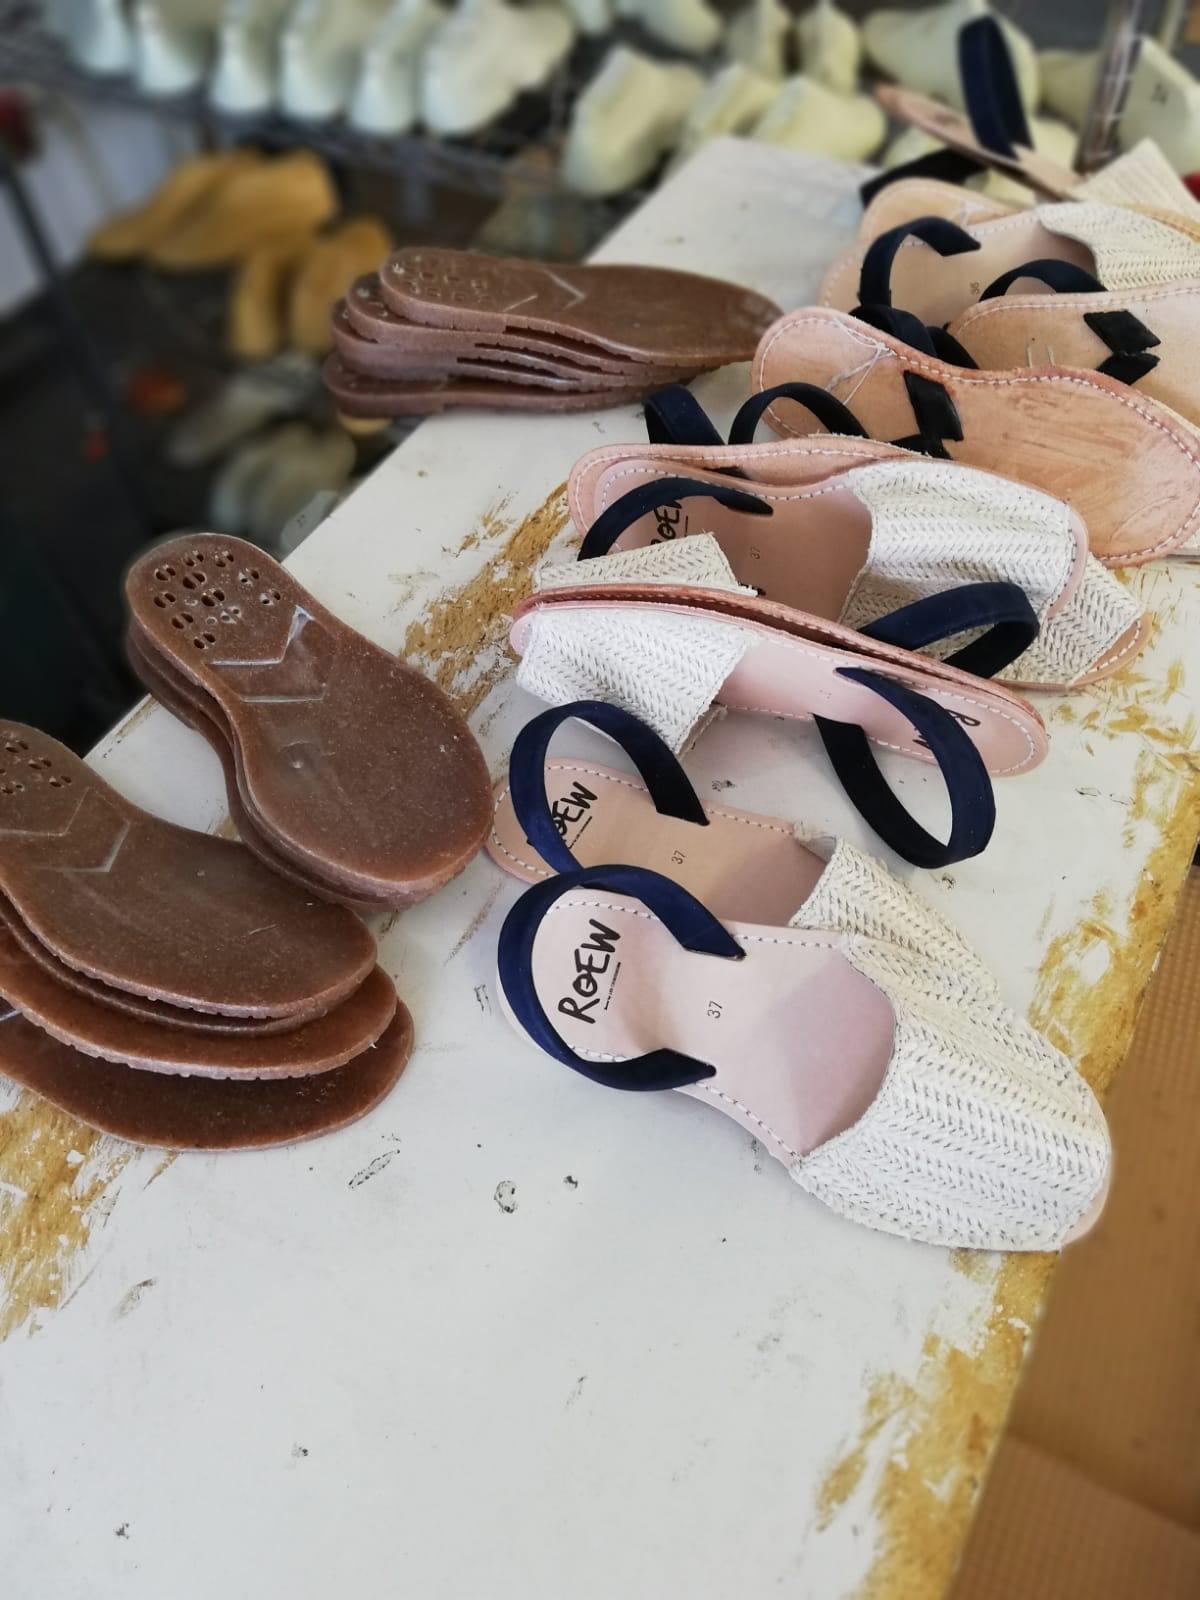 Fabriqué à Ménorque - SANDALES et CHAUSSURESC'est sur une petit île des Baléars où depuis 2016 nous fabricons à la main tous nos souliers en petites series.en savoir plus ici